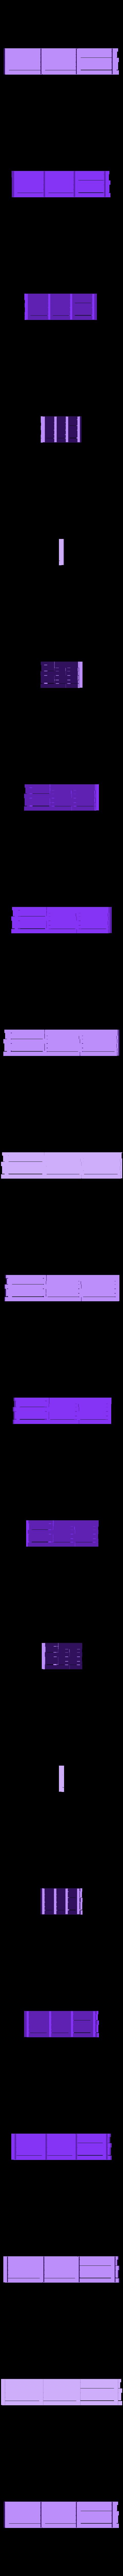 wharf_01.stl Télécharger fichier STL gratuit Eau modulaire • Objet pour imprimante 3D, Earsling